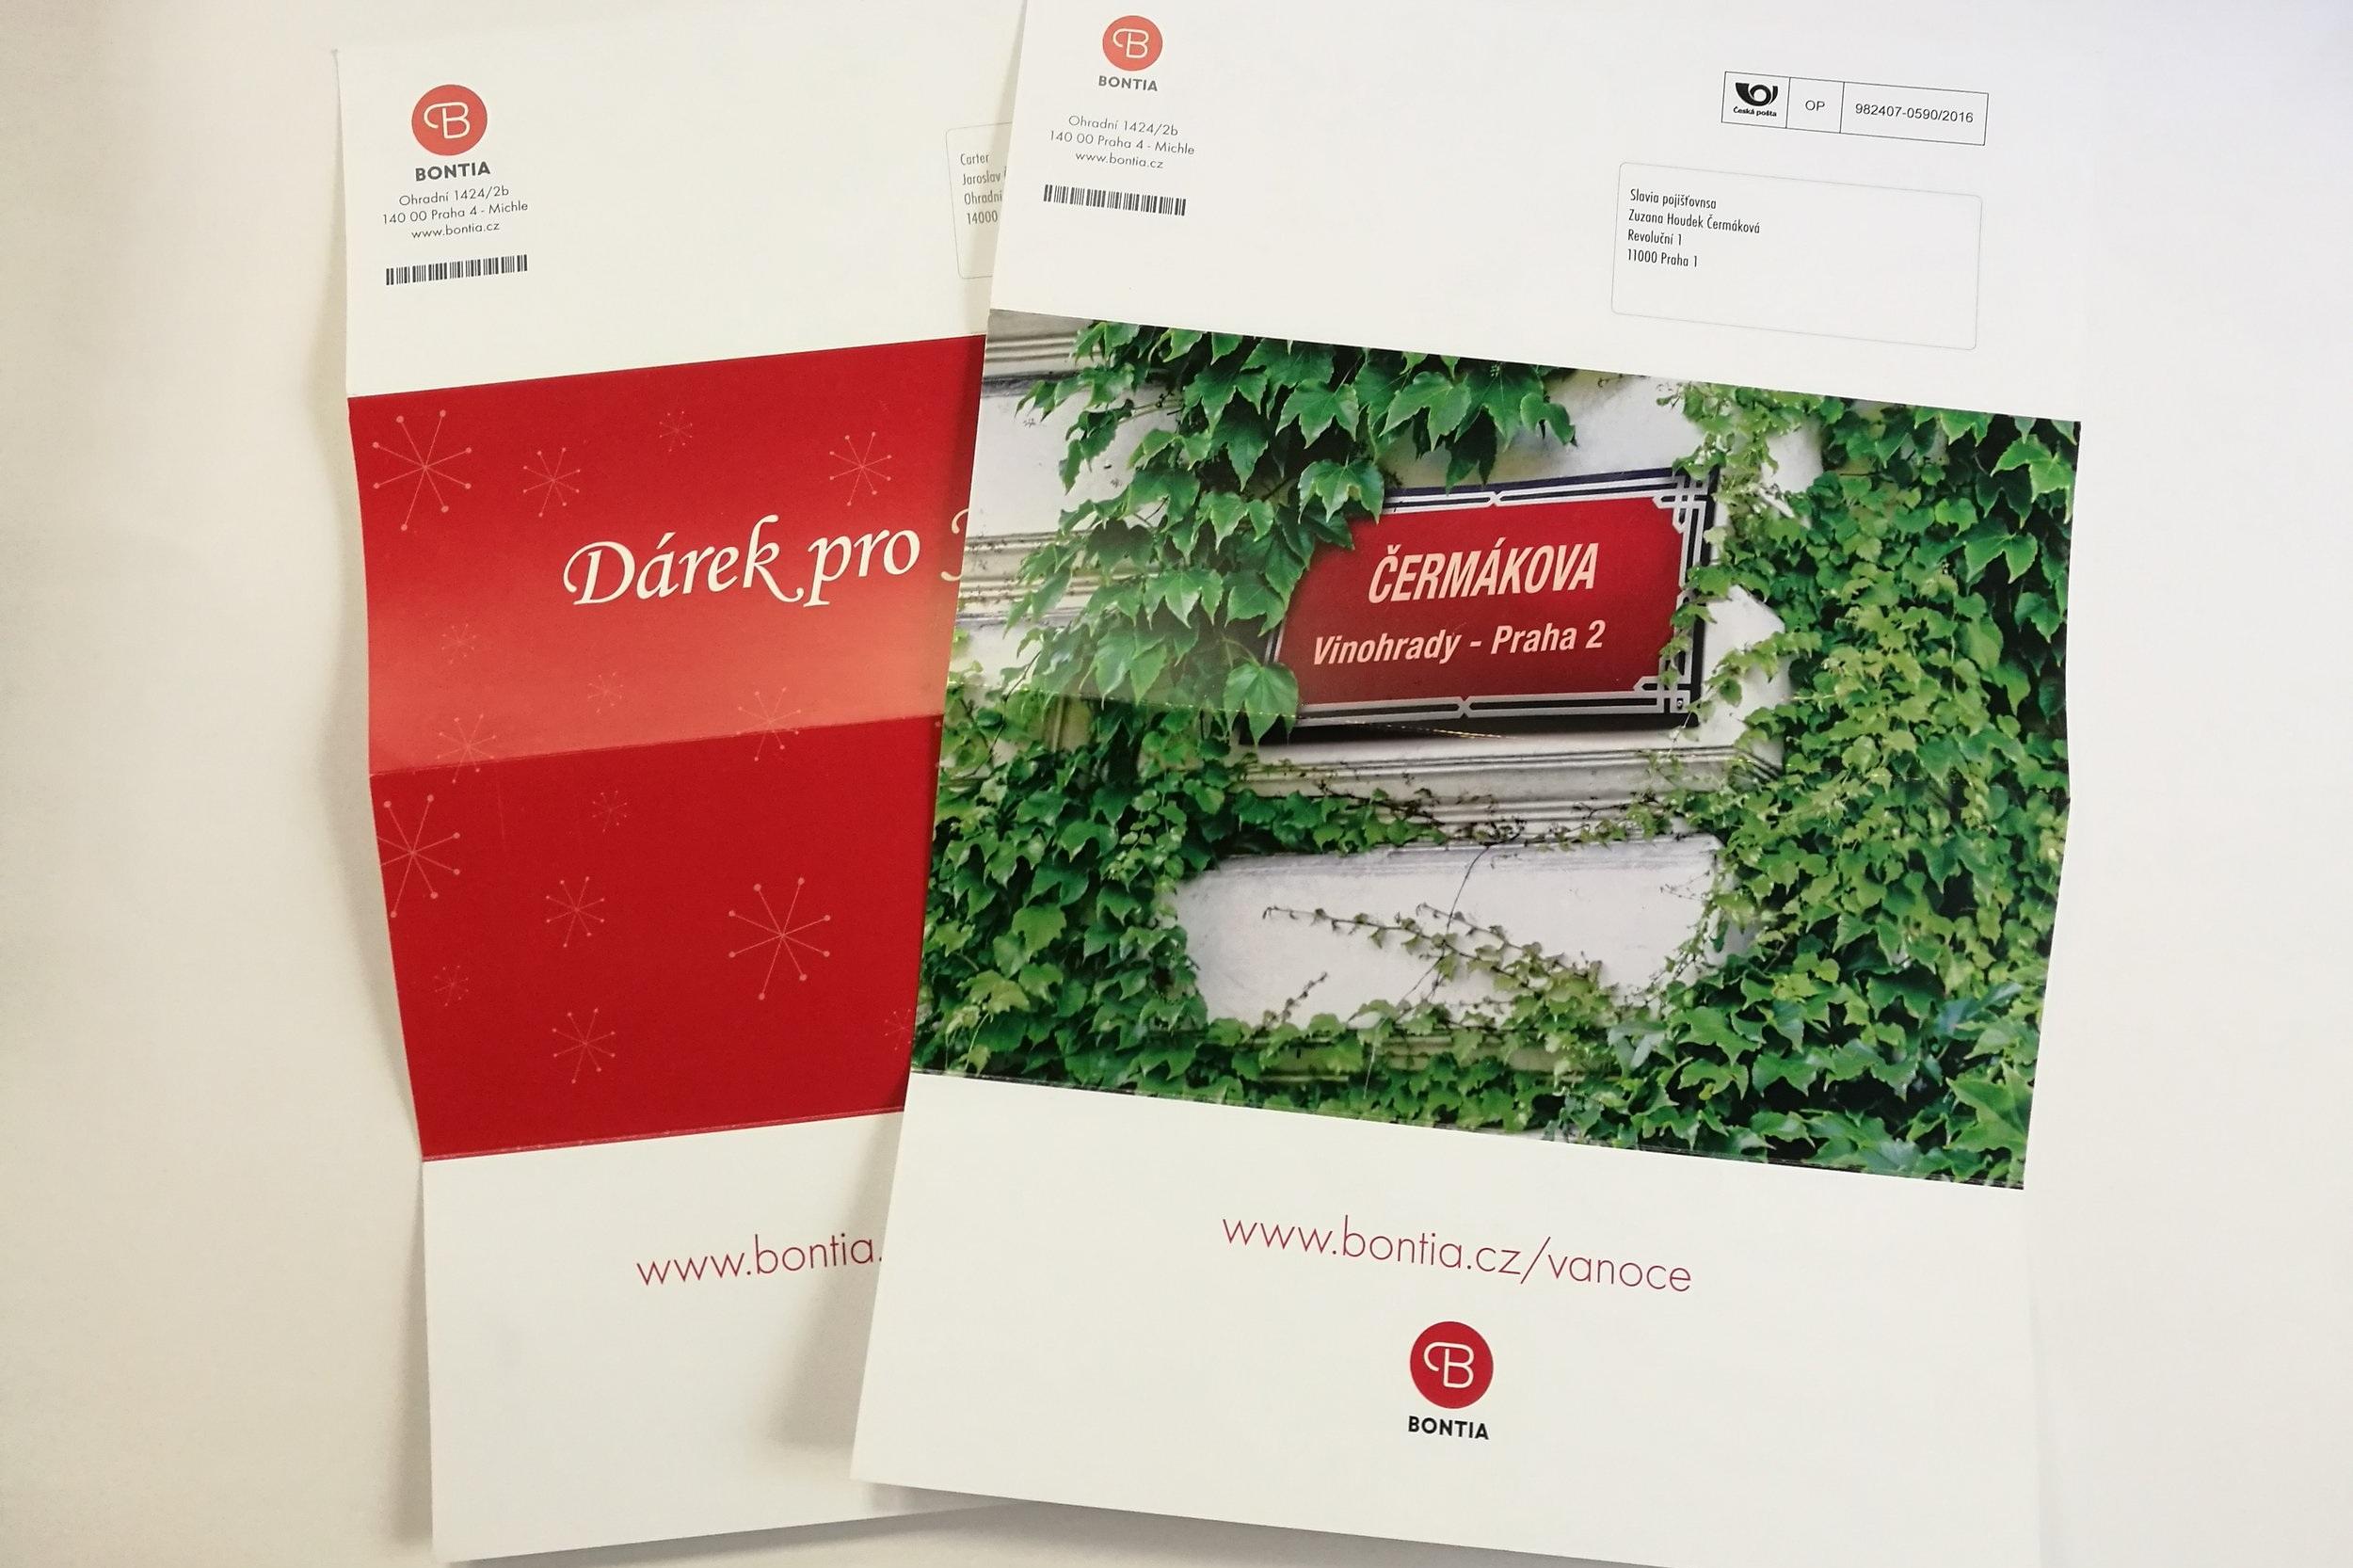 Personalizované dopisy s rozesláním poštou - Tiskli jsme nabídkové dopisy adresované těm zákazníkům, kteří neotevírali reklamní emaily. Každý zákazník obdržel vizuál s cedulí s názvem podle jeho příjmení.